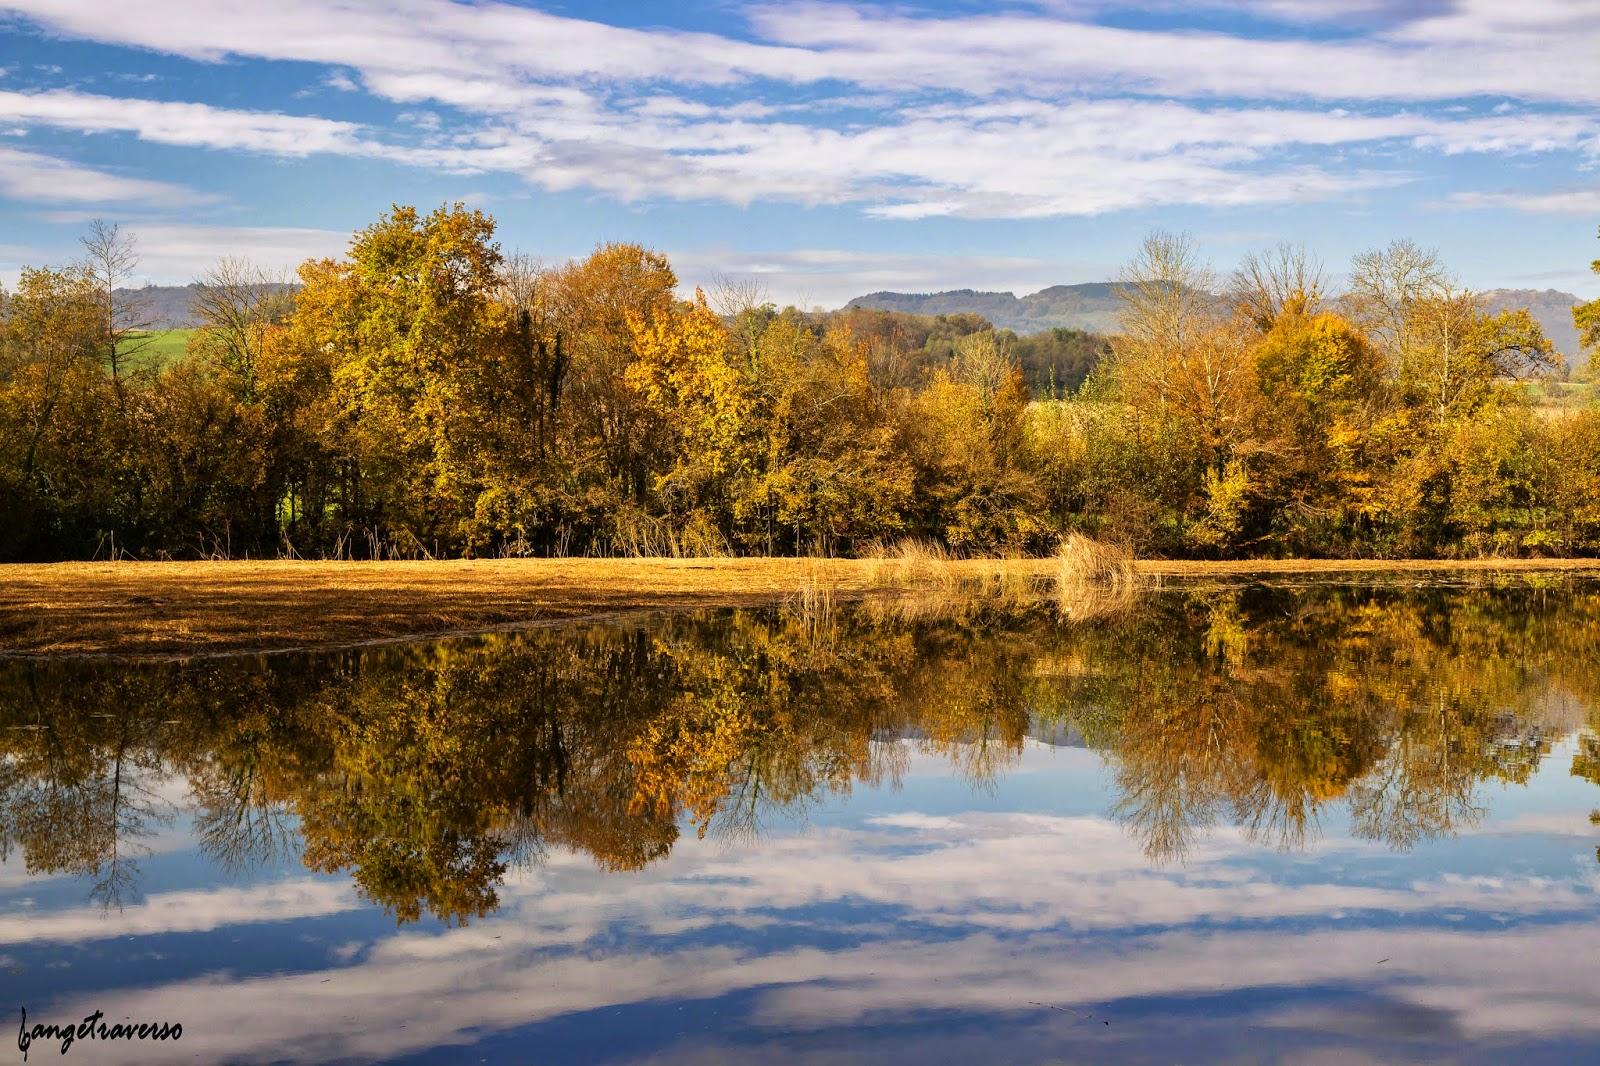 Couleurs d'automne à l'étang de Crosagny, réserve naturelle en Savoie